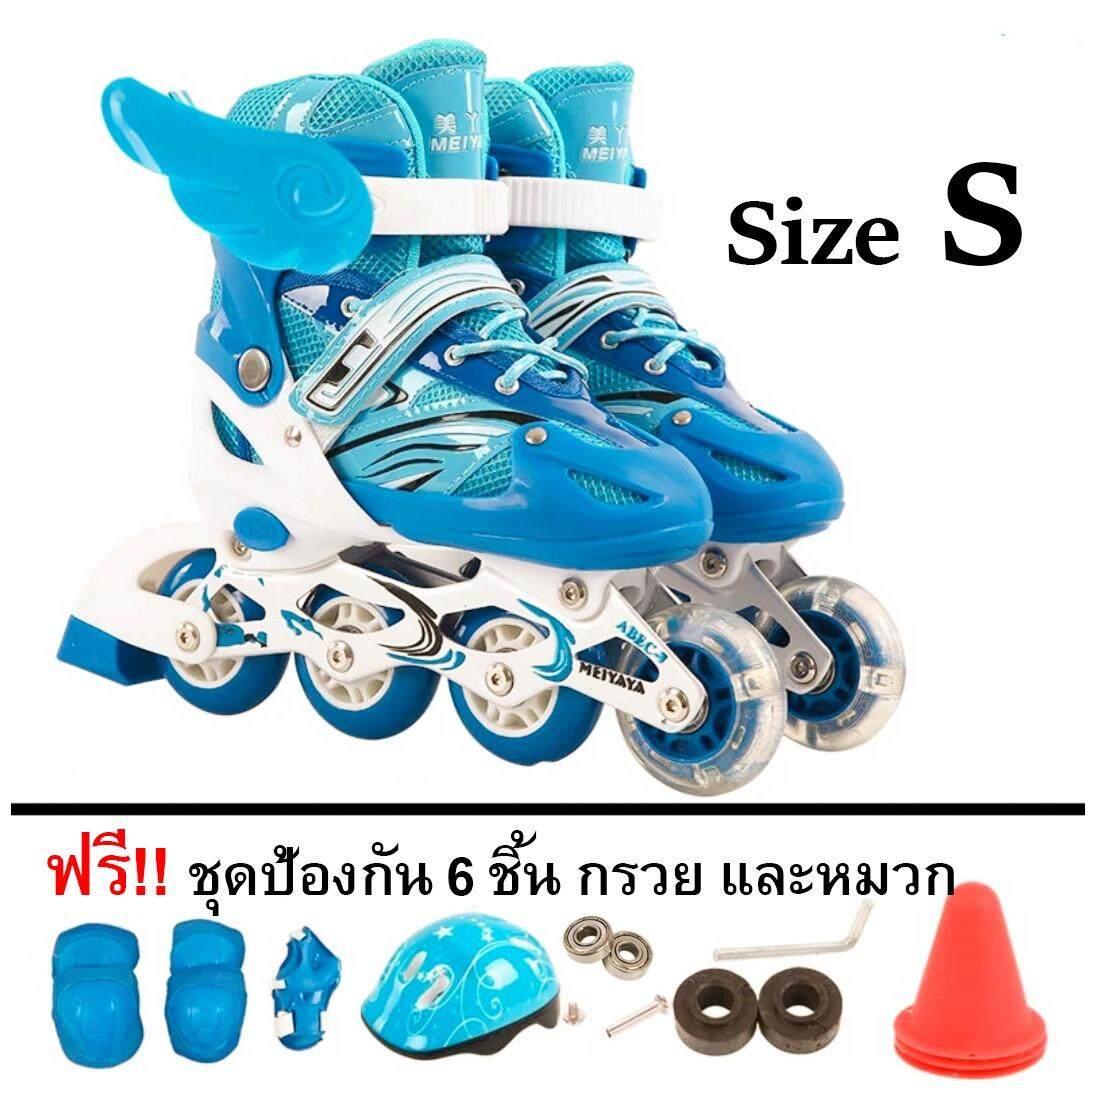 รองเท้าสเก็ต โรลเลอร์เบลด Roller Blade Skate รุ่น In-Line Skate-Pink ฟรี!! ชุดป้องกัน หมวก มูลค่า 490 บาท.